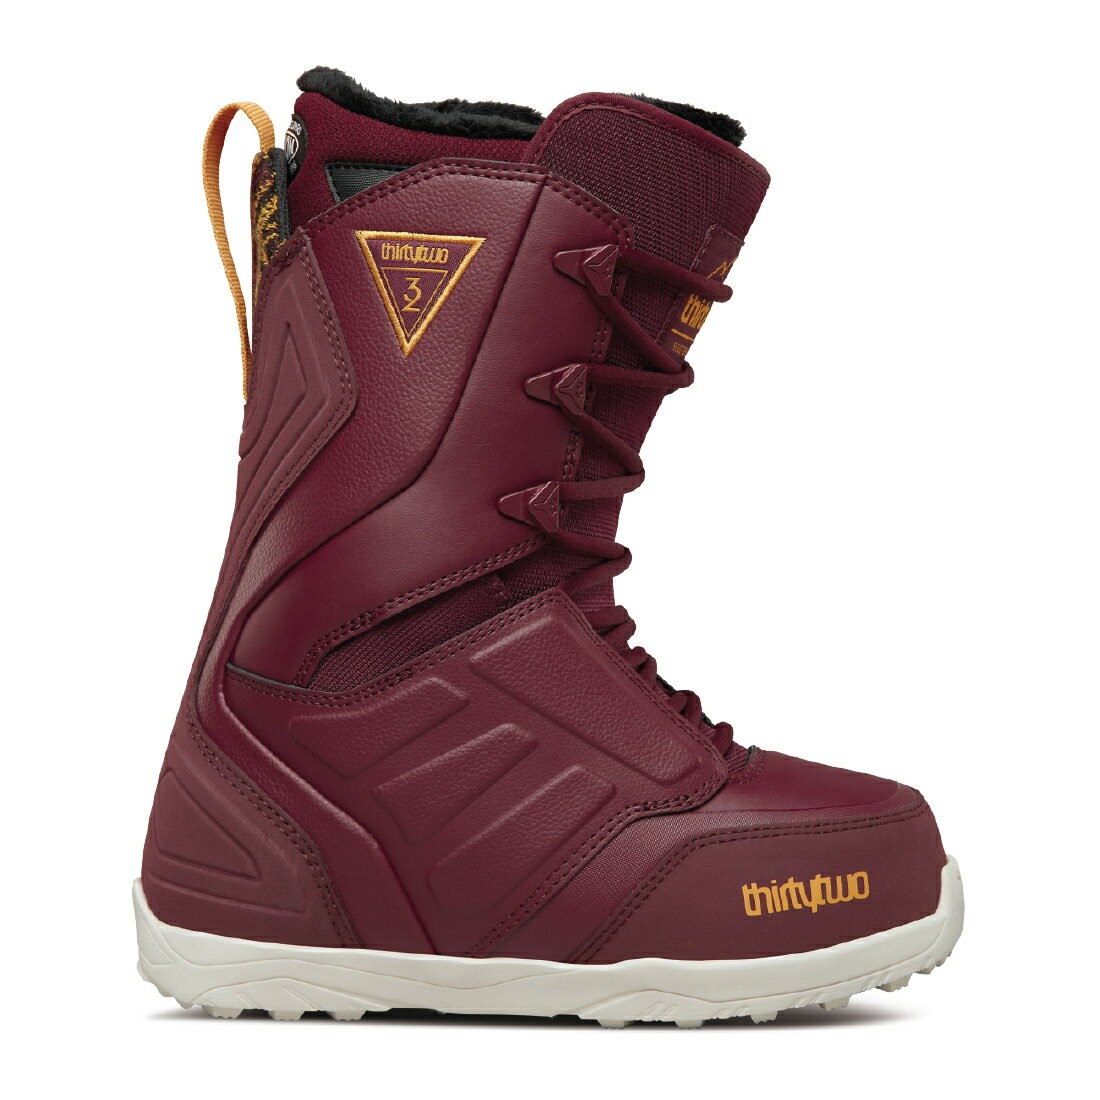 (BTAEAB16) ブーツ Boots ヨネックス スノーボード エアリオ 17 YONEX AERIO AB ステップインブーツ アキュブレイド 16 - 17 2017 イエロー ブラック/